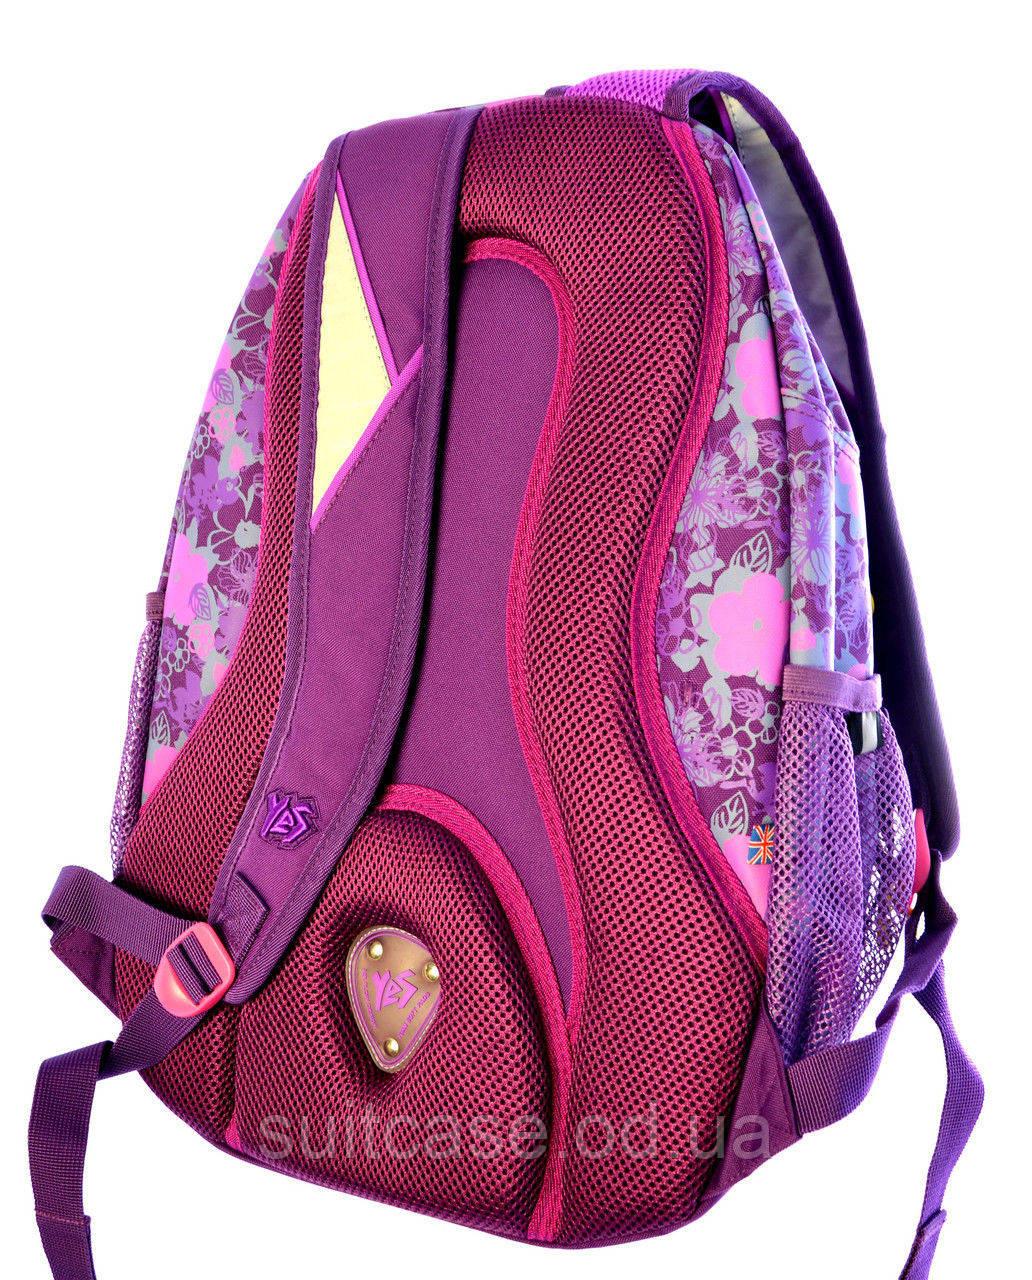 0a2d21a03f10 Школьный рюкзак 1 Вересня (551890), цена 900 грн., купить в Одессе —  Prom.ua (ID#288248277)